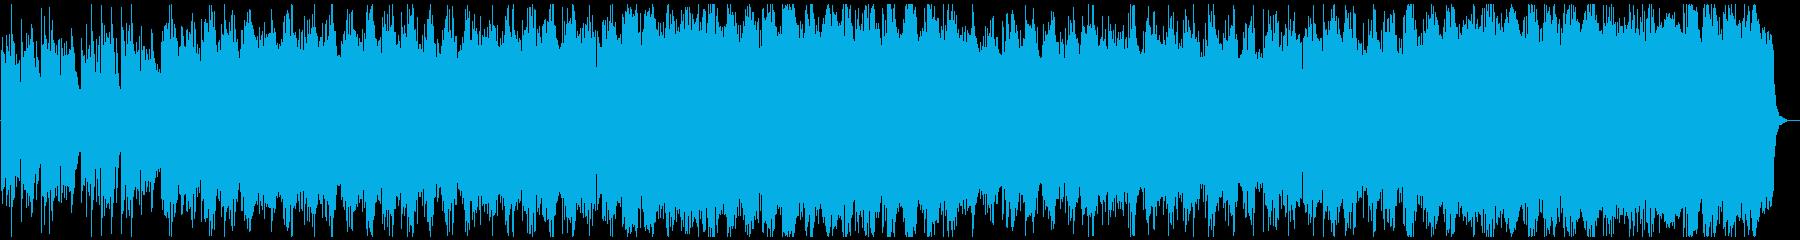 春の山をイメージした和風バラード系の再生済みの波形